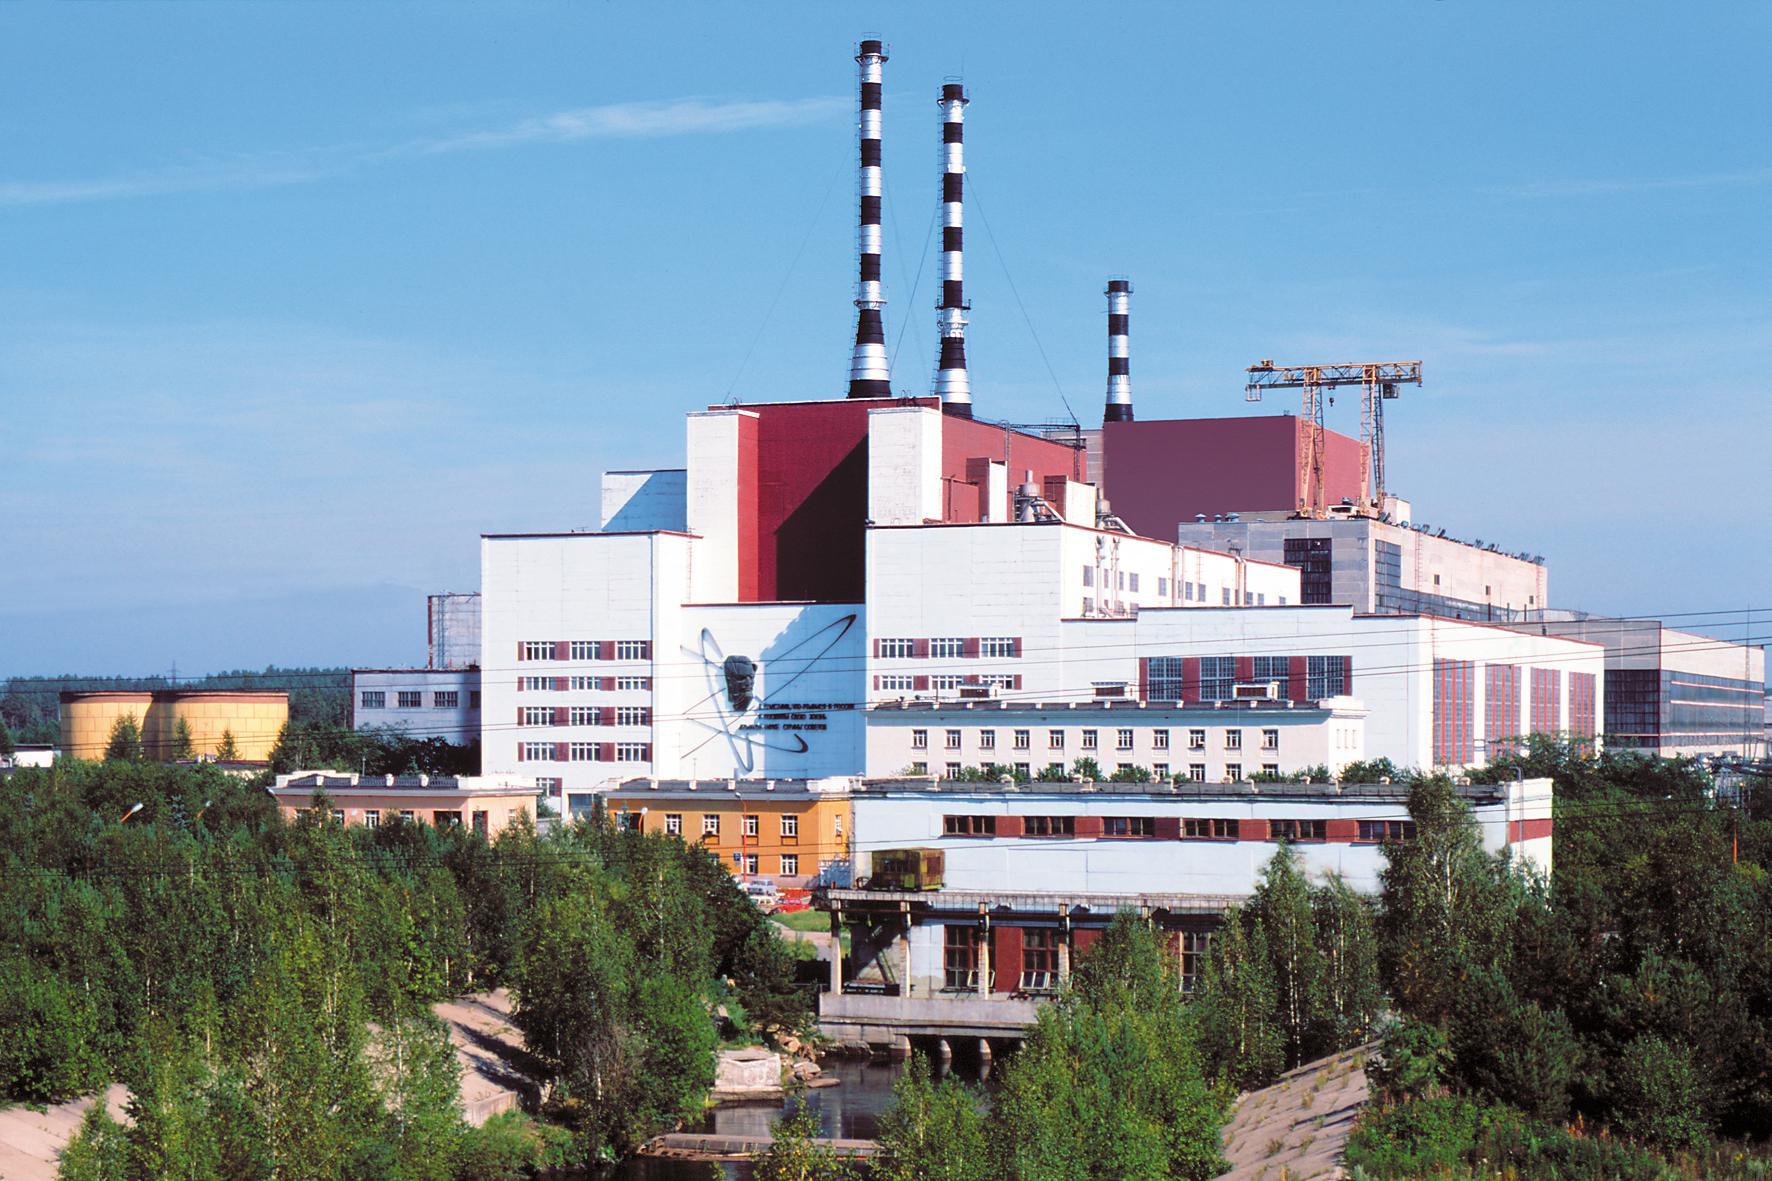 Ядерное наследие первенца атомной энергетики СССР - 1